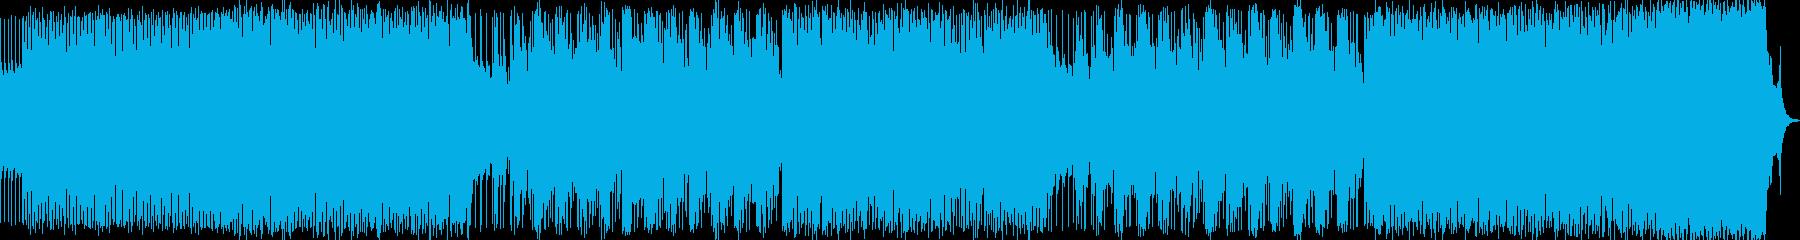 ハンドパンをメインの幻想的な曲です。の再生済みの波形